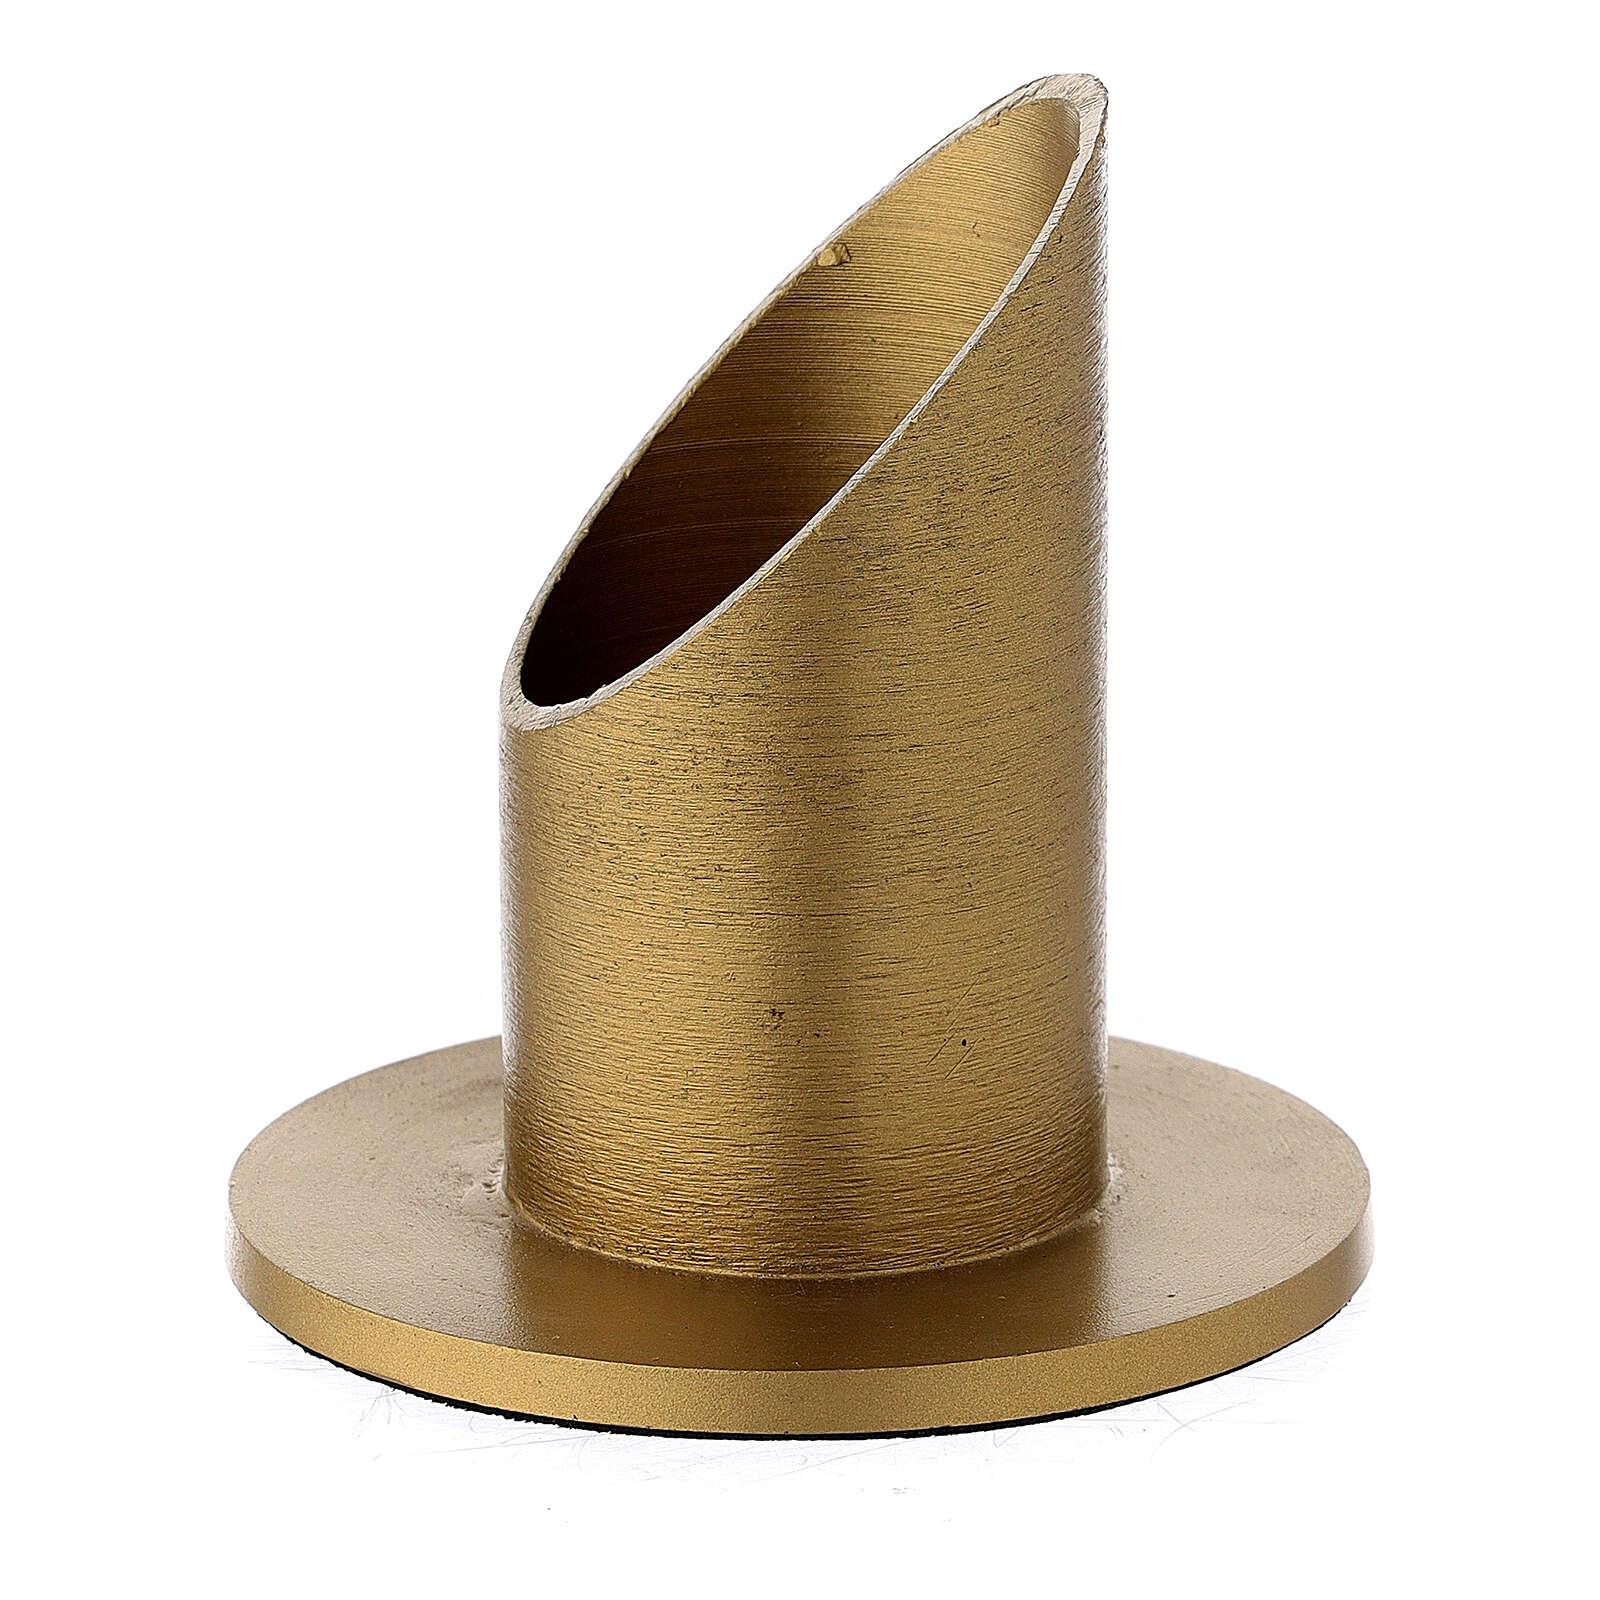 Portacandela alluminio dorato satinato 4 cm 3